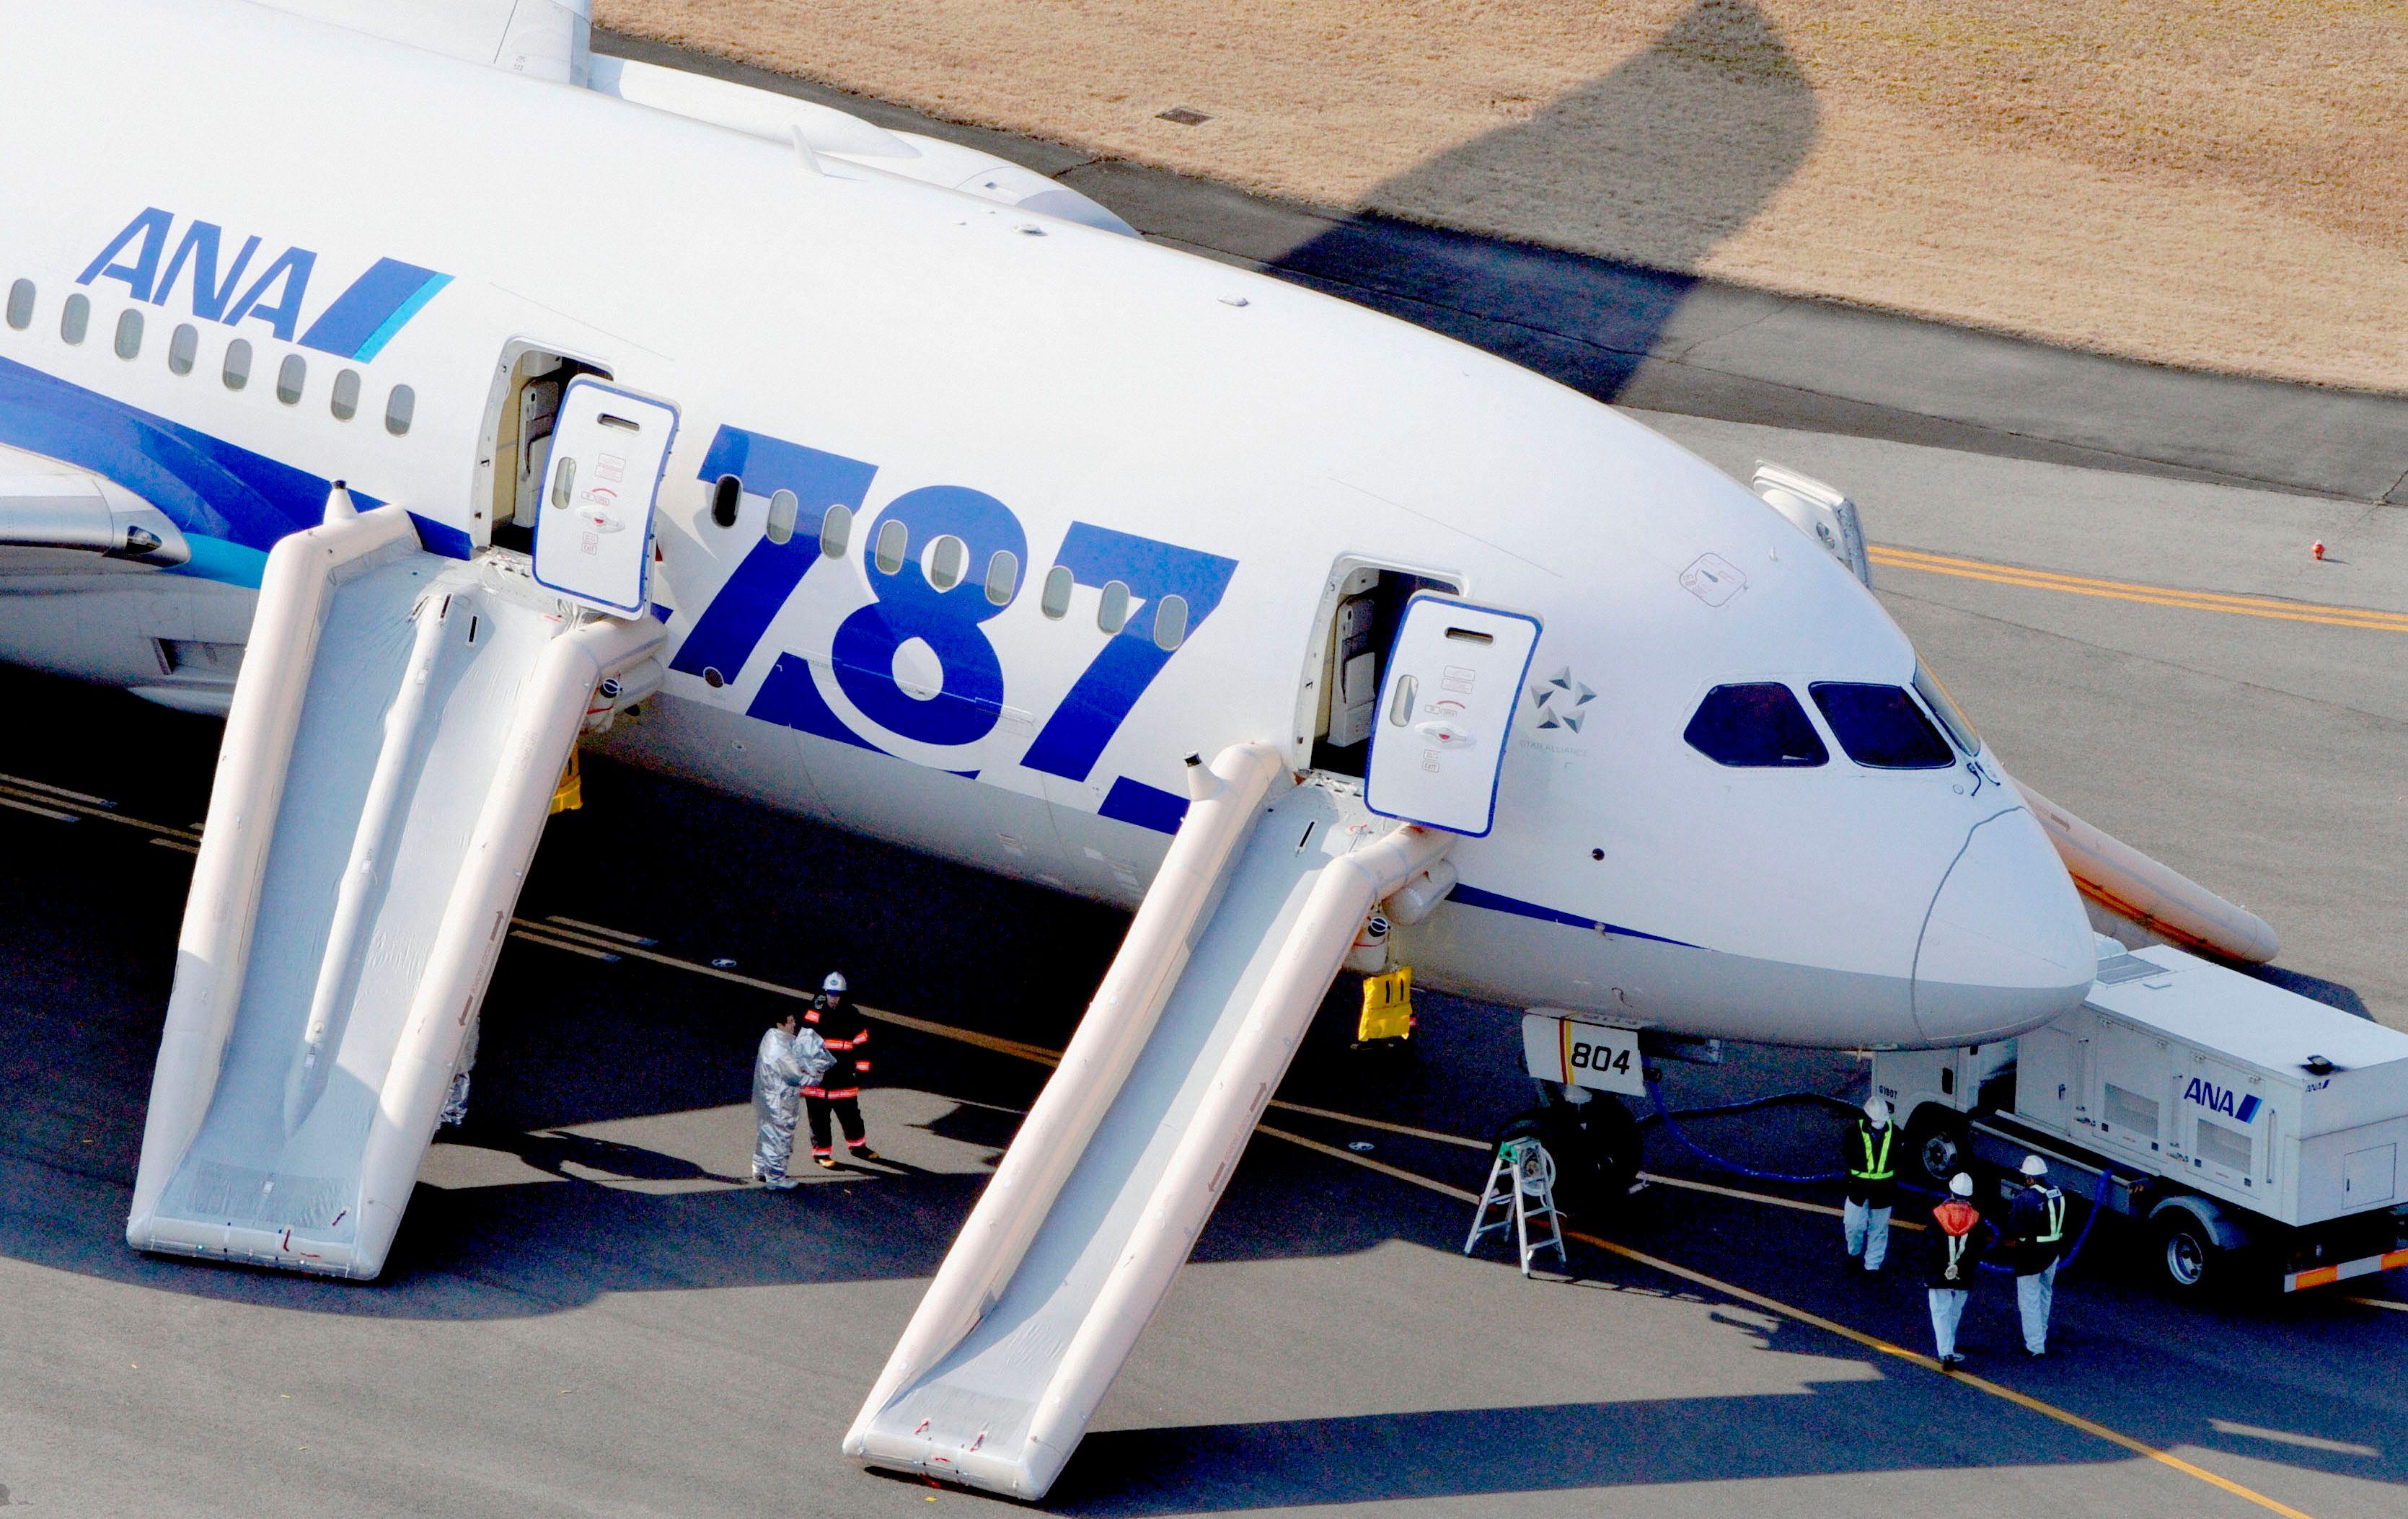 L'Europe face aux effets de l'America First : American Airlines annule une énorme commande d'Airbus au profit de Boeing